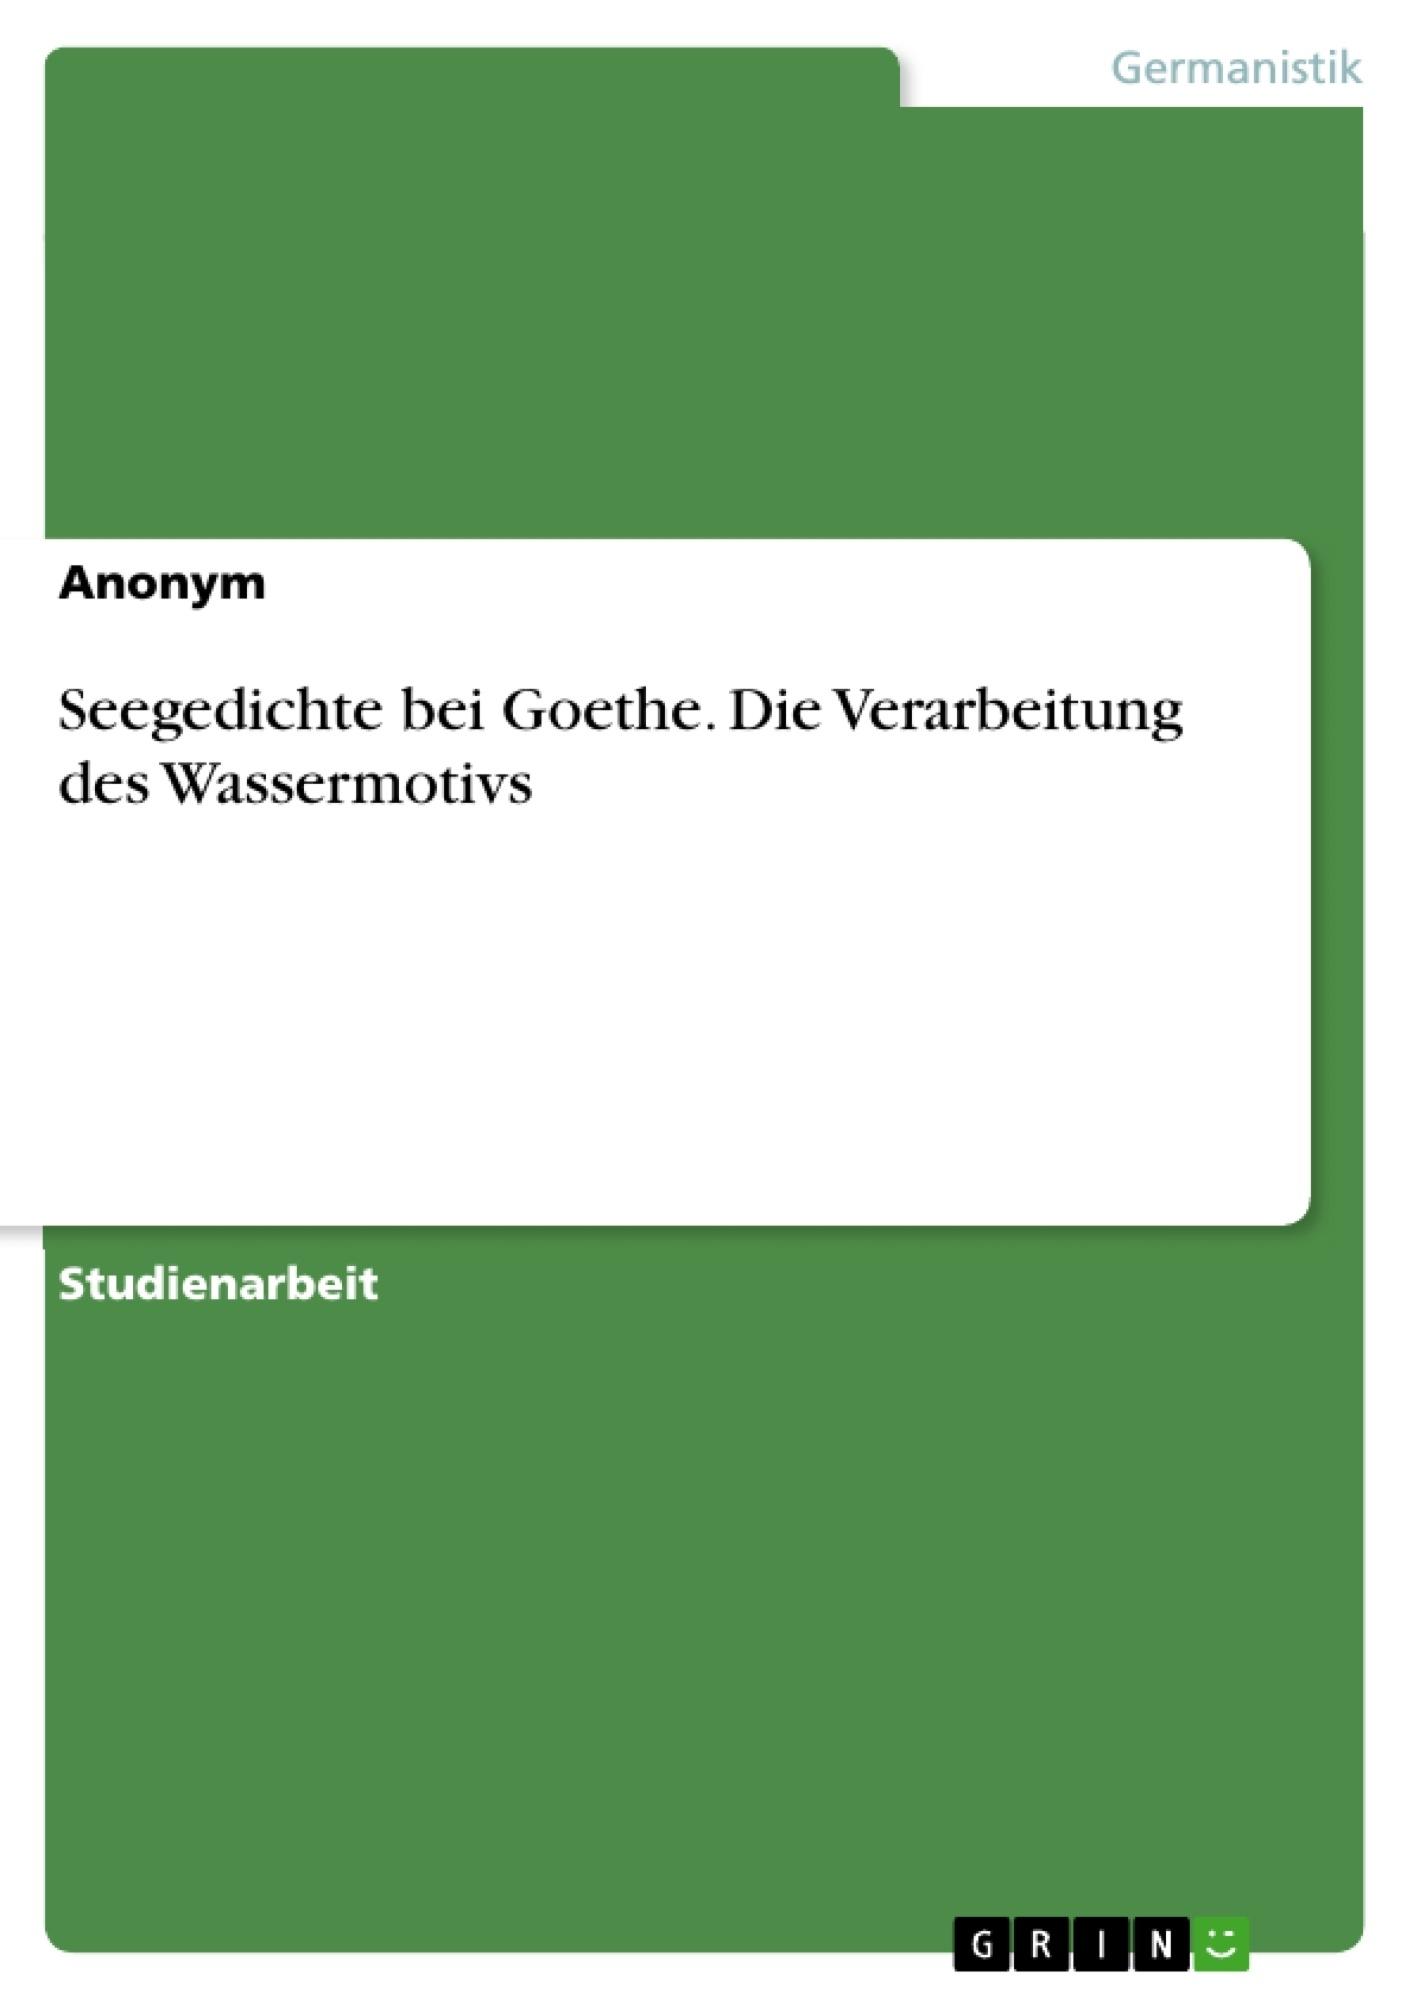 Titel: Seegedichte bei Goethe. Die Verarbeitung des Wassermotivs